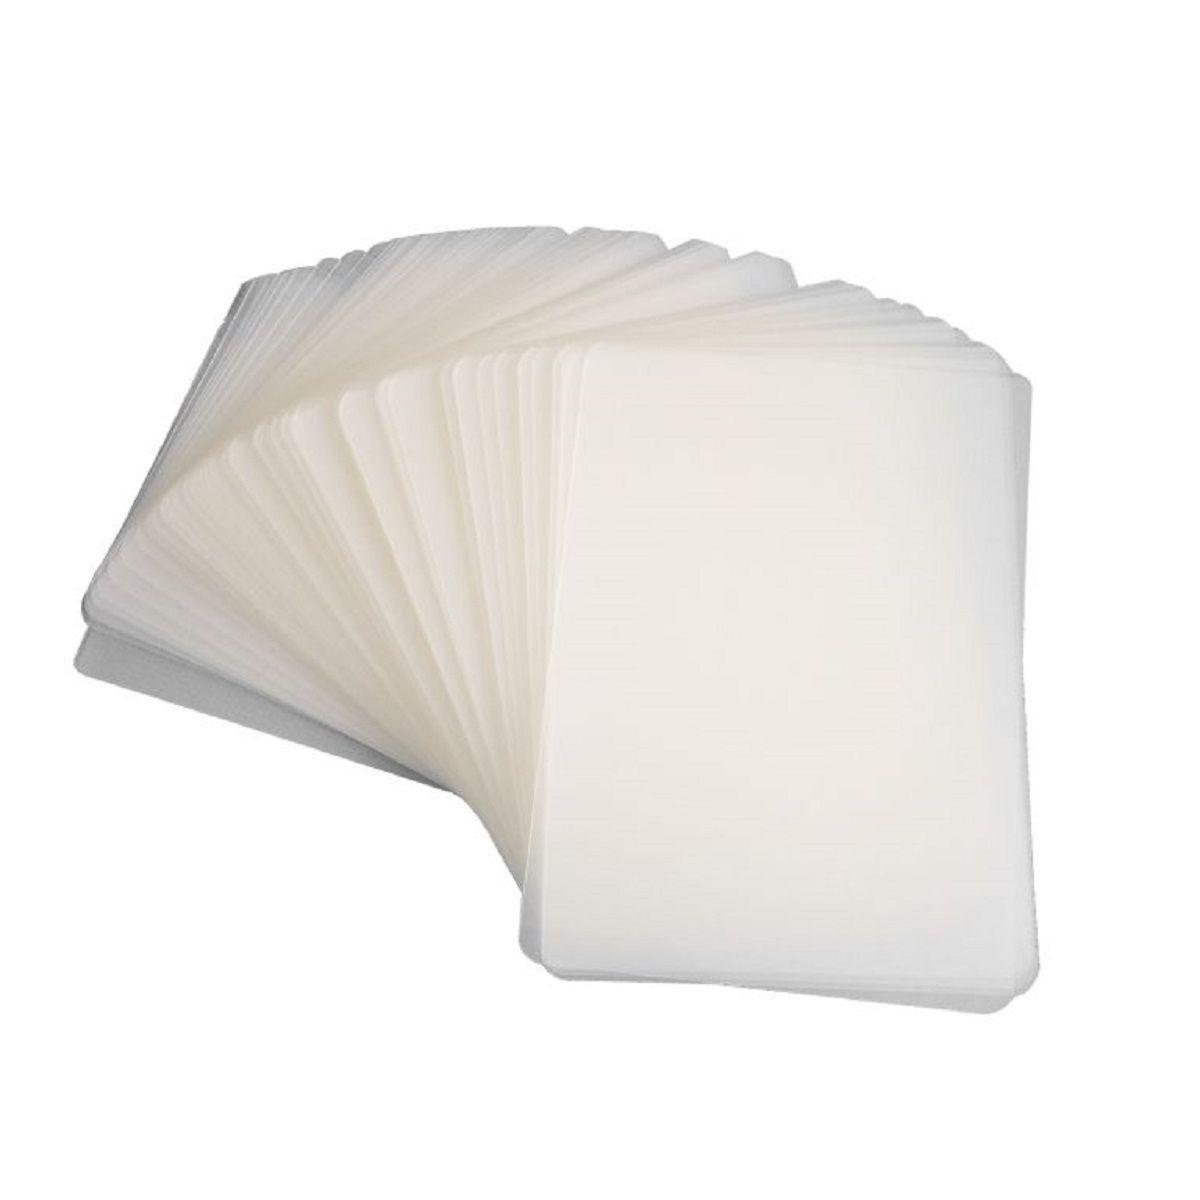 Polaseal para Plastificação RG 80x110x0,05mm (125 micras) - Pacote com 100 unidades  - Click Suprimentos